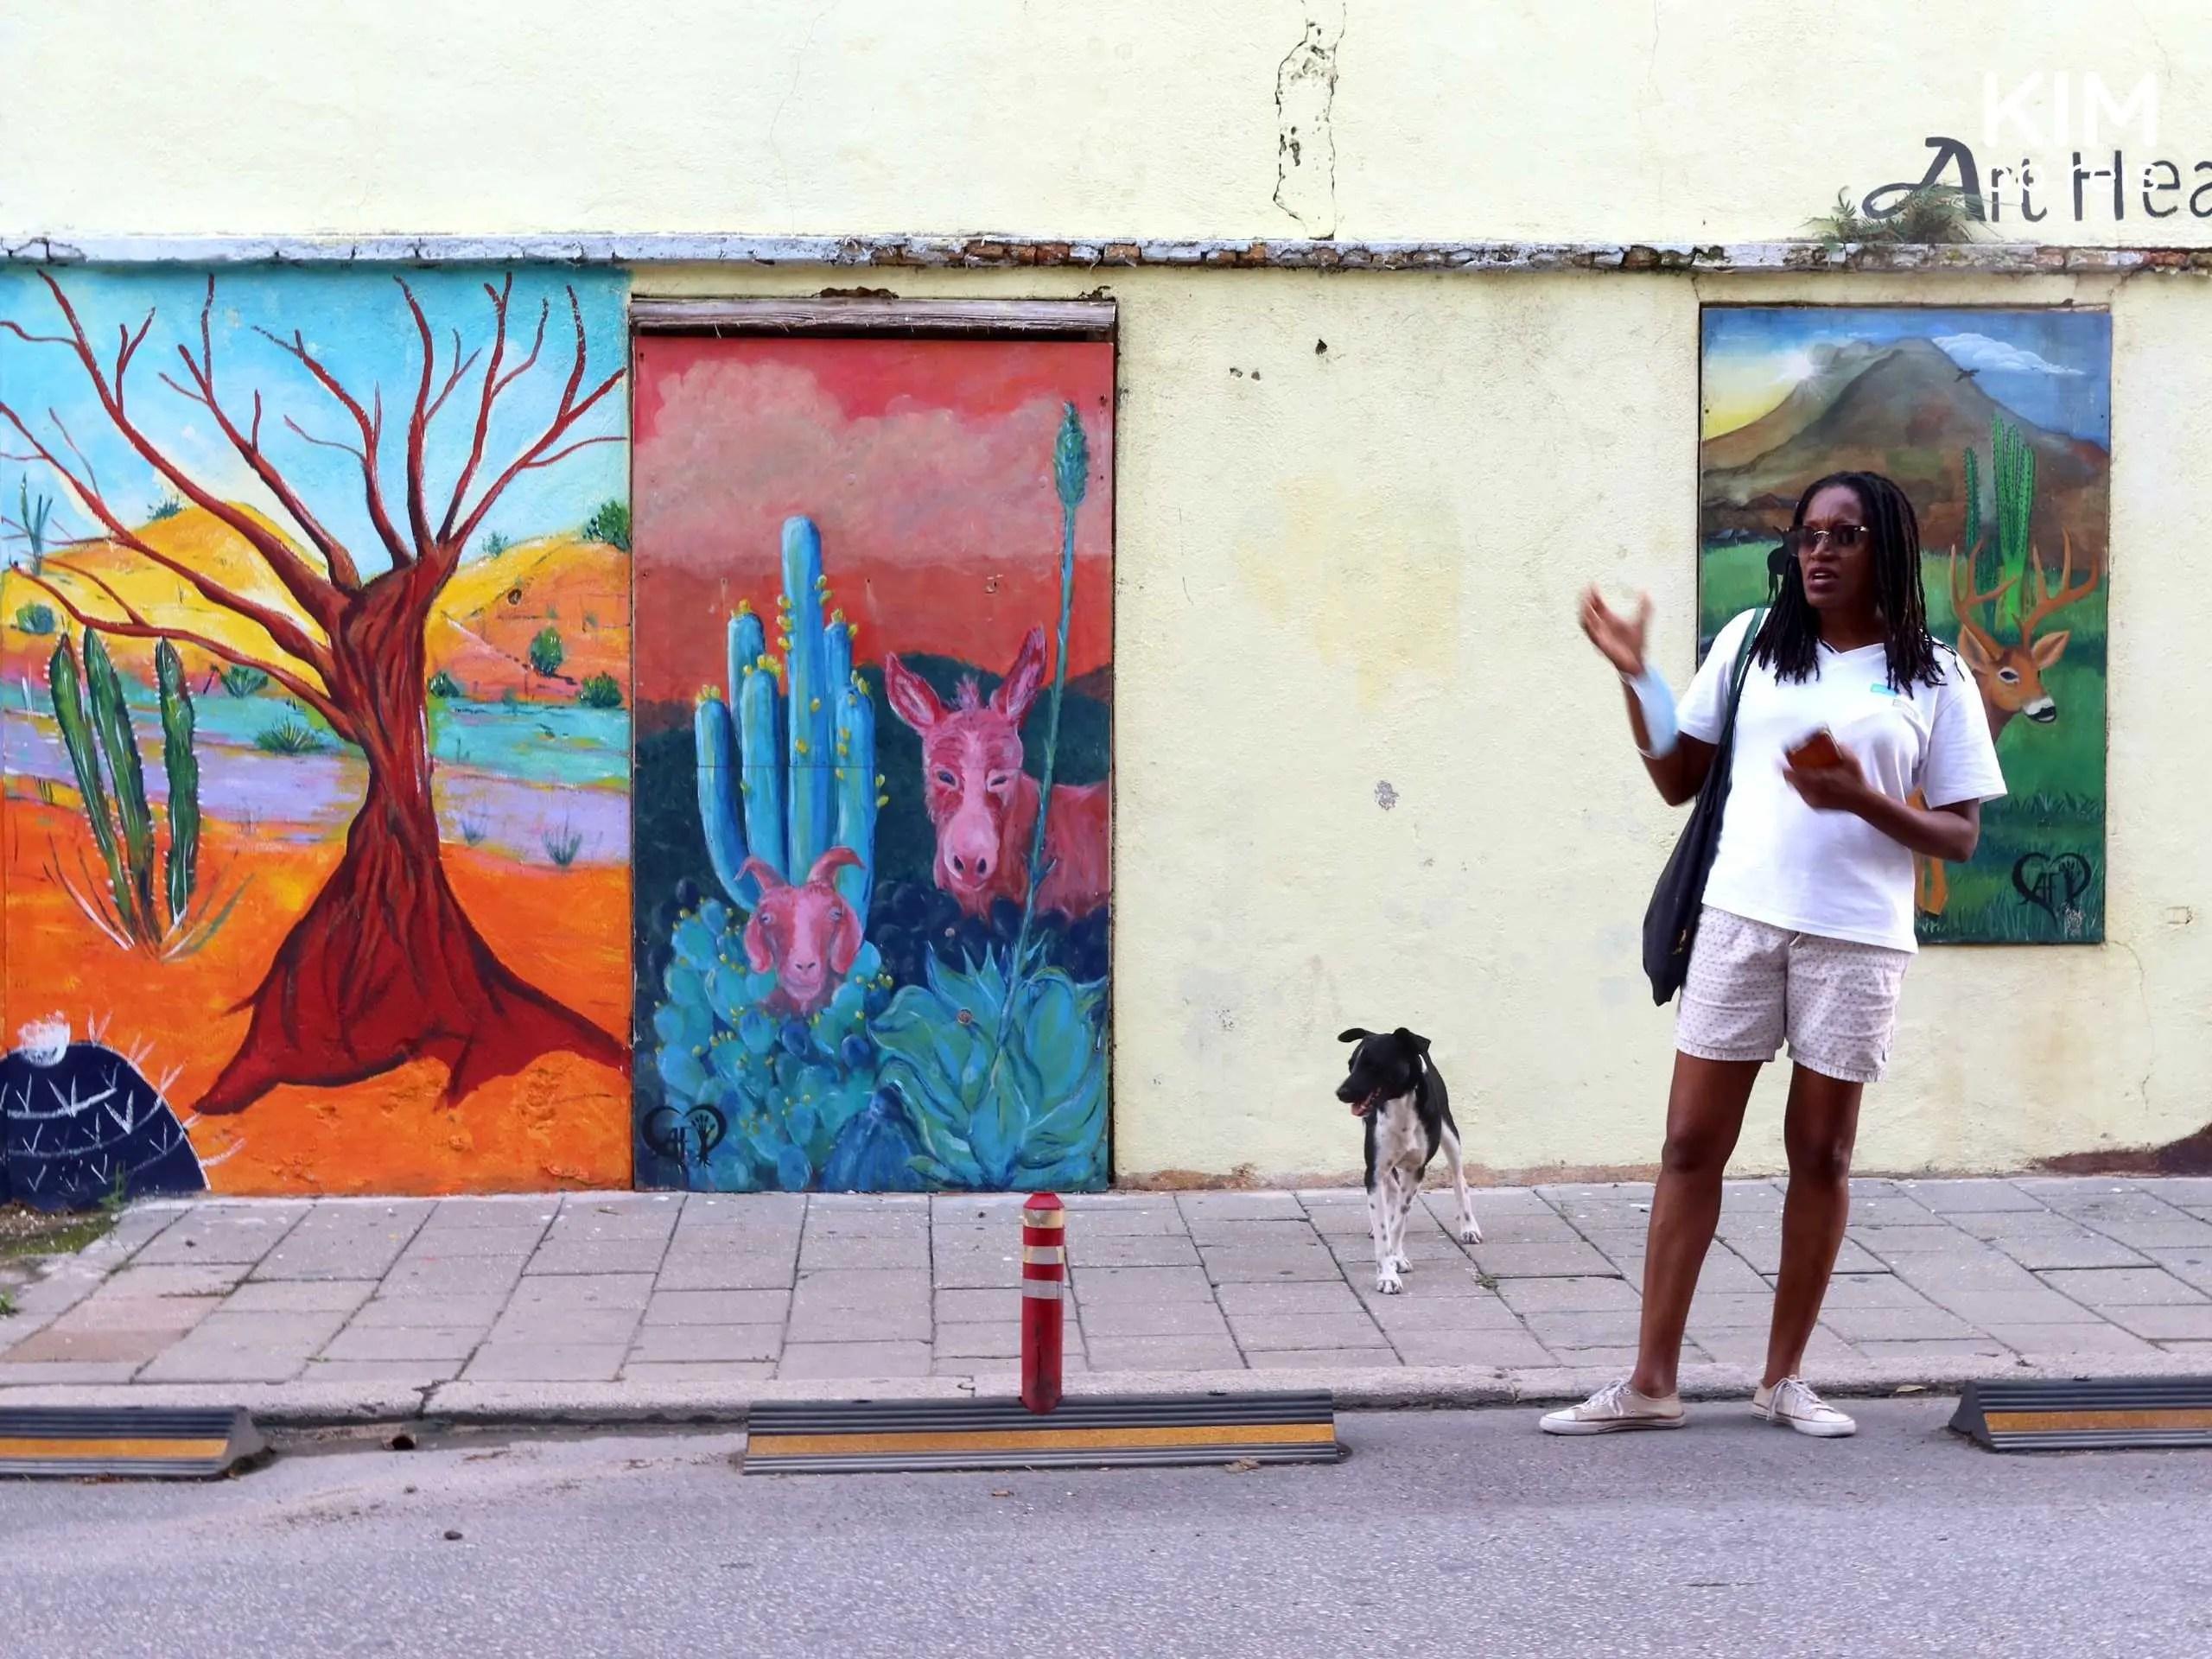 Tour streetart Curacao: gids geeft uitleg over de streetart